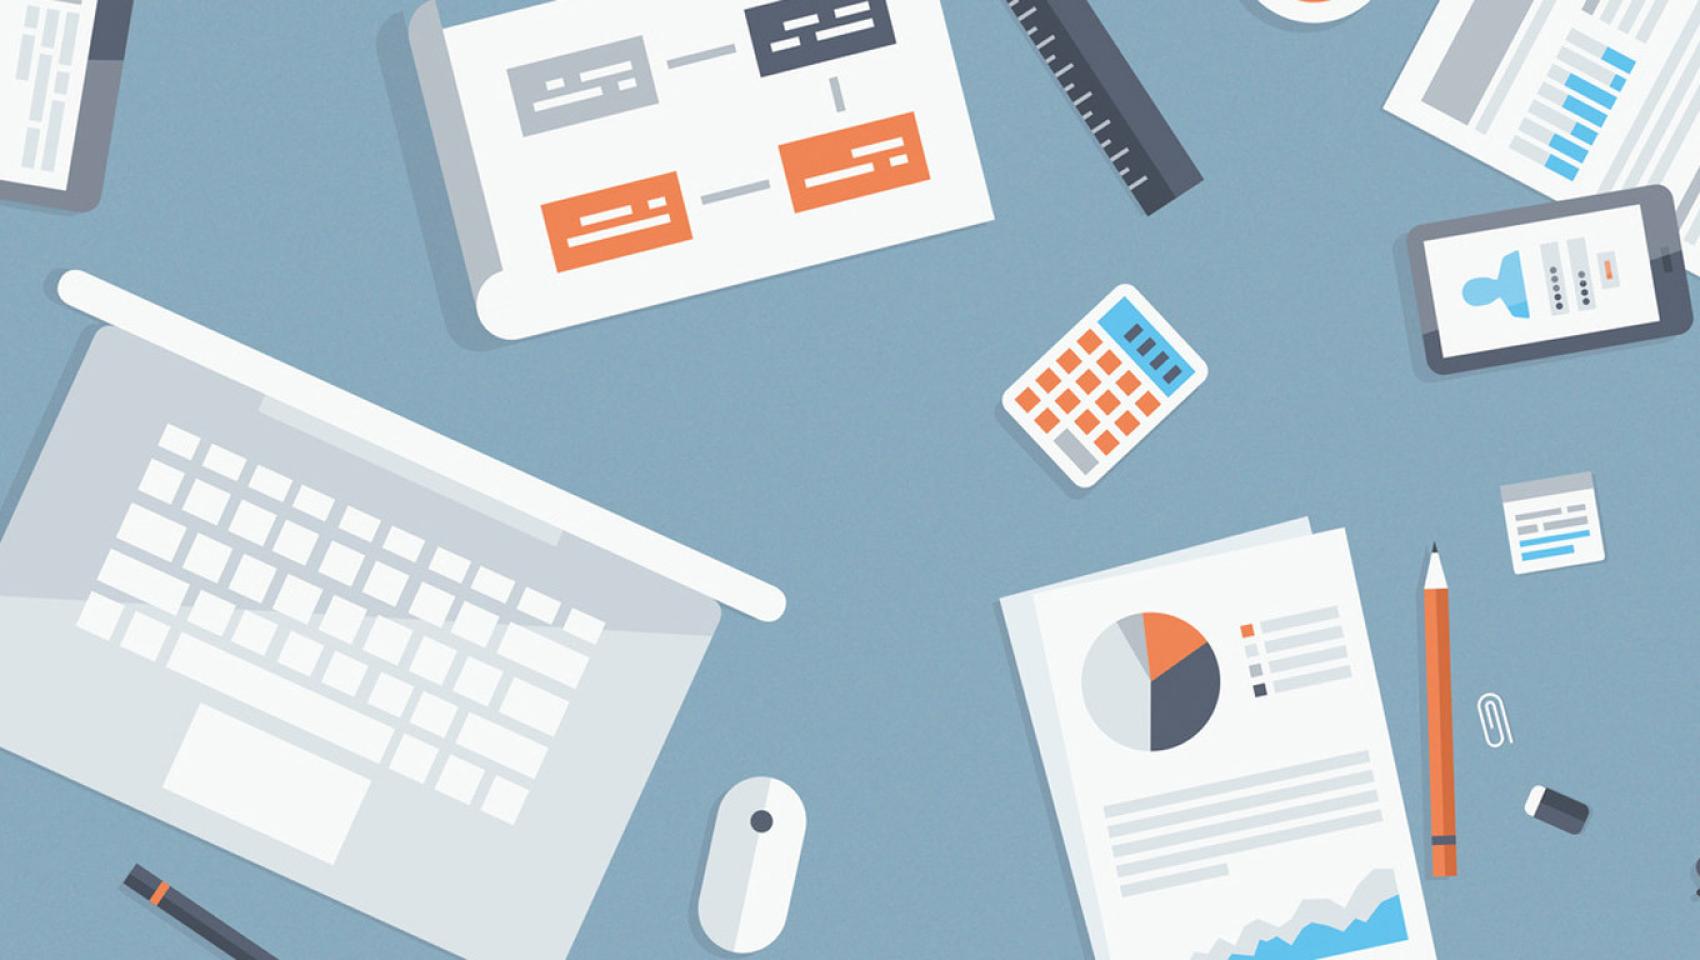 Тенденции интернет-маркетинга и SEO в 2018